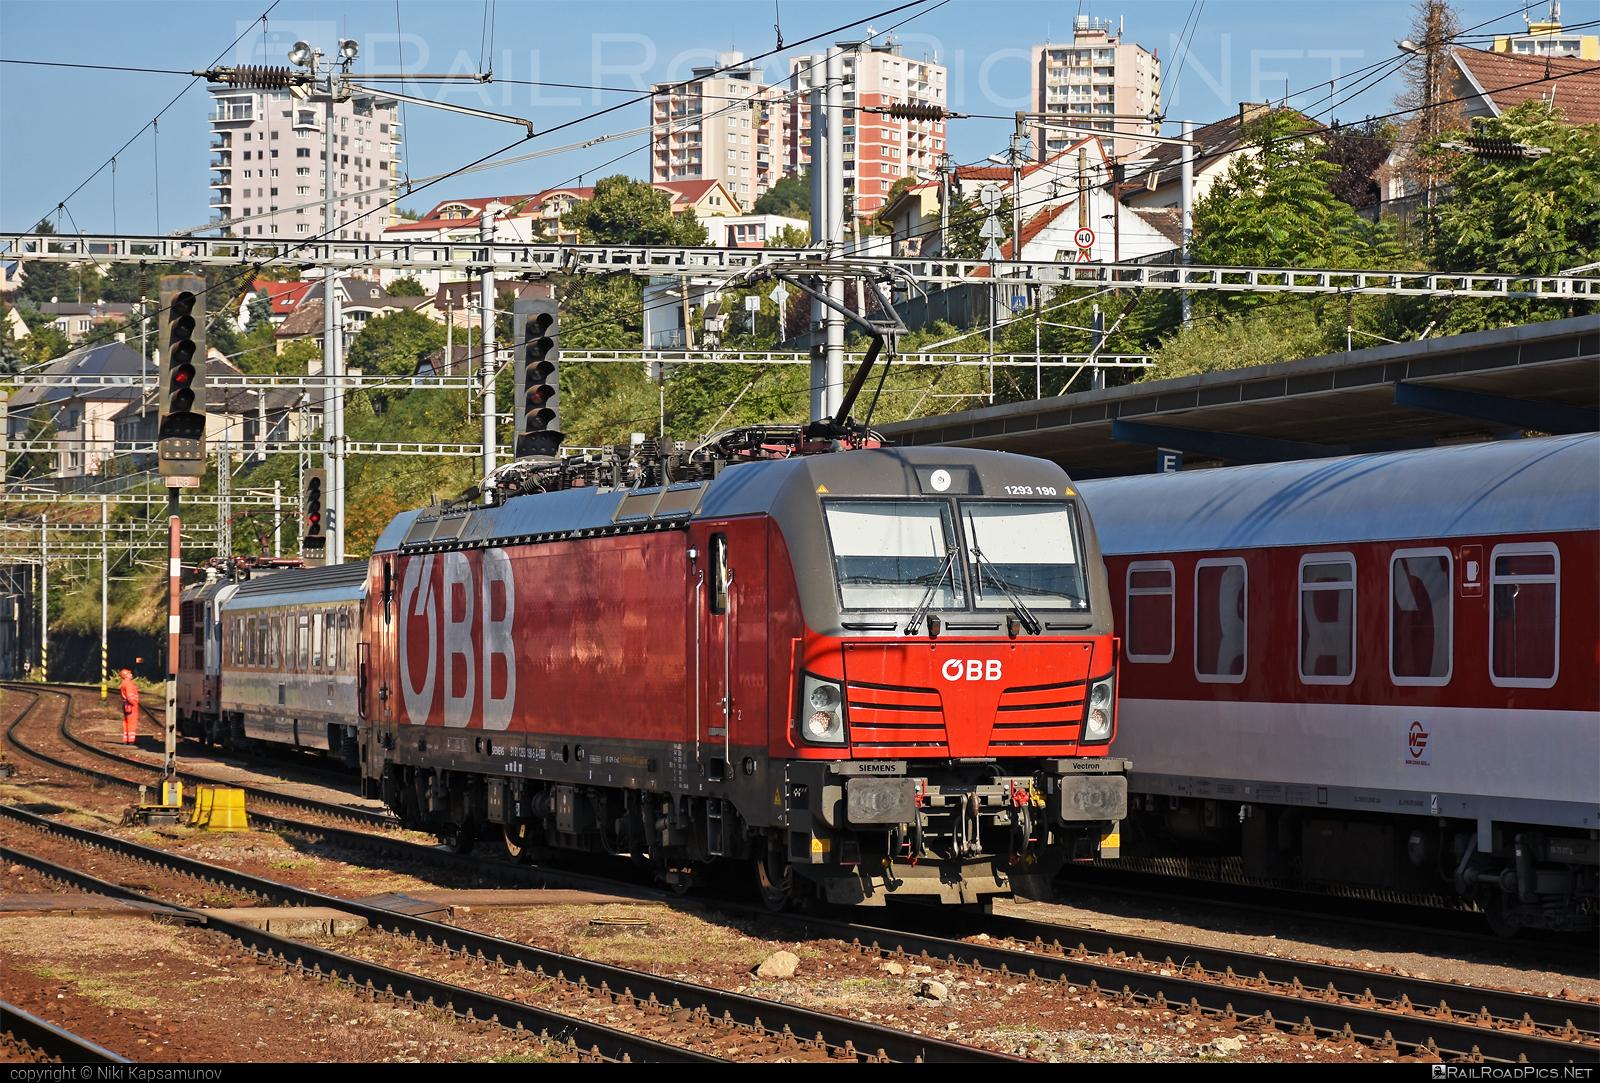 Siemens Vectron MS - 1293 190 operated by Rail Cargo Austria AG #obb #osterreichischebundesbahnen #rcw #siemens #siemensvectron #siemensvectronms #vectron #vectronms